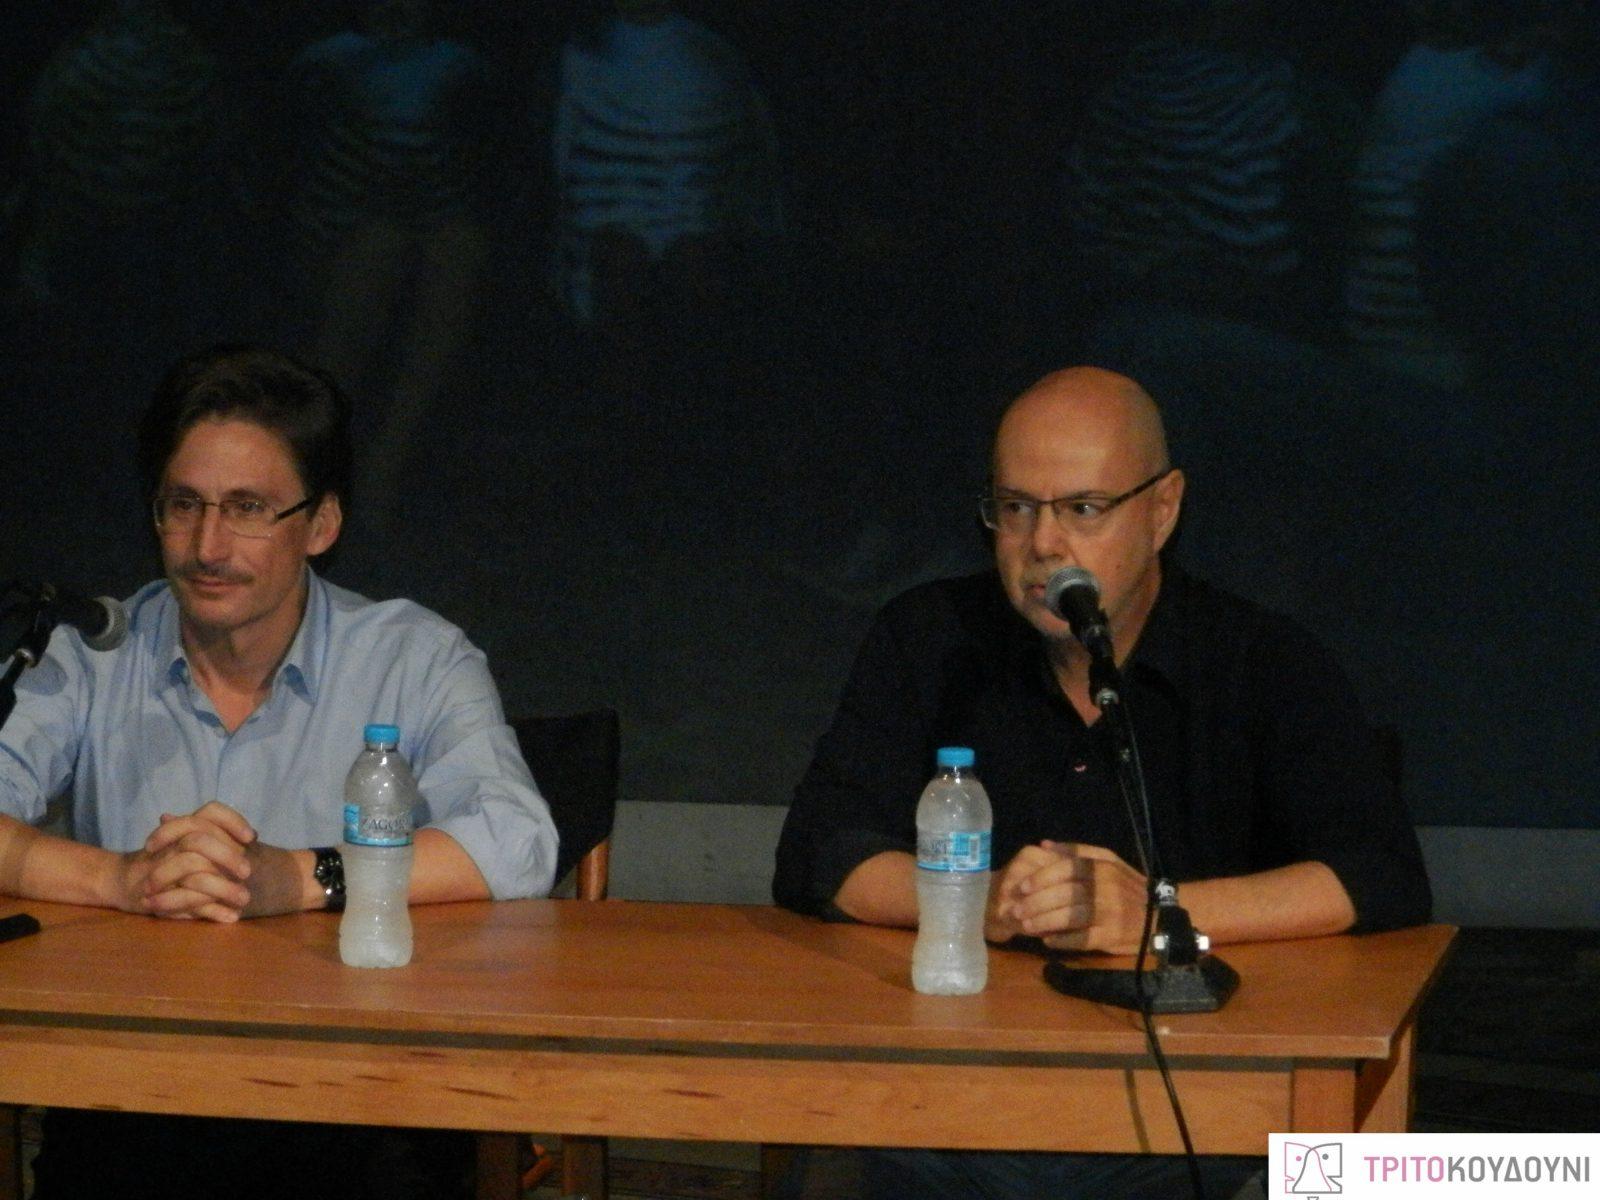 Δημήτρης Τάρλοου και Γιάννης Χουβαρδάς